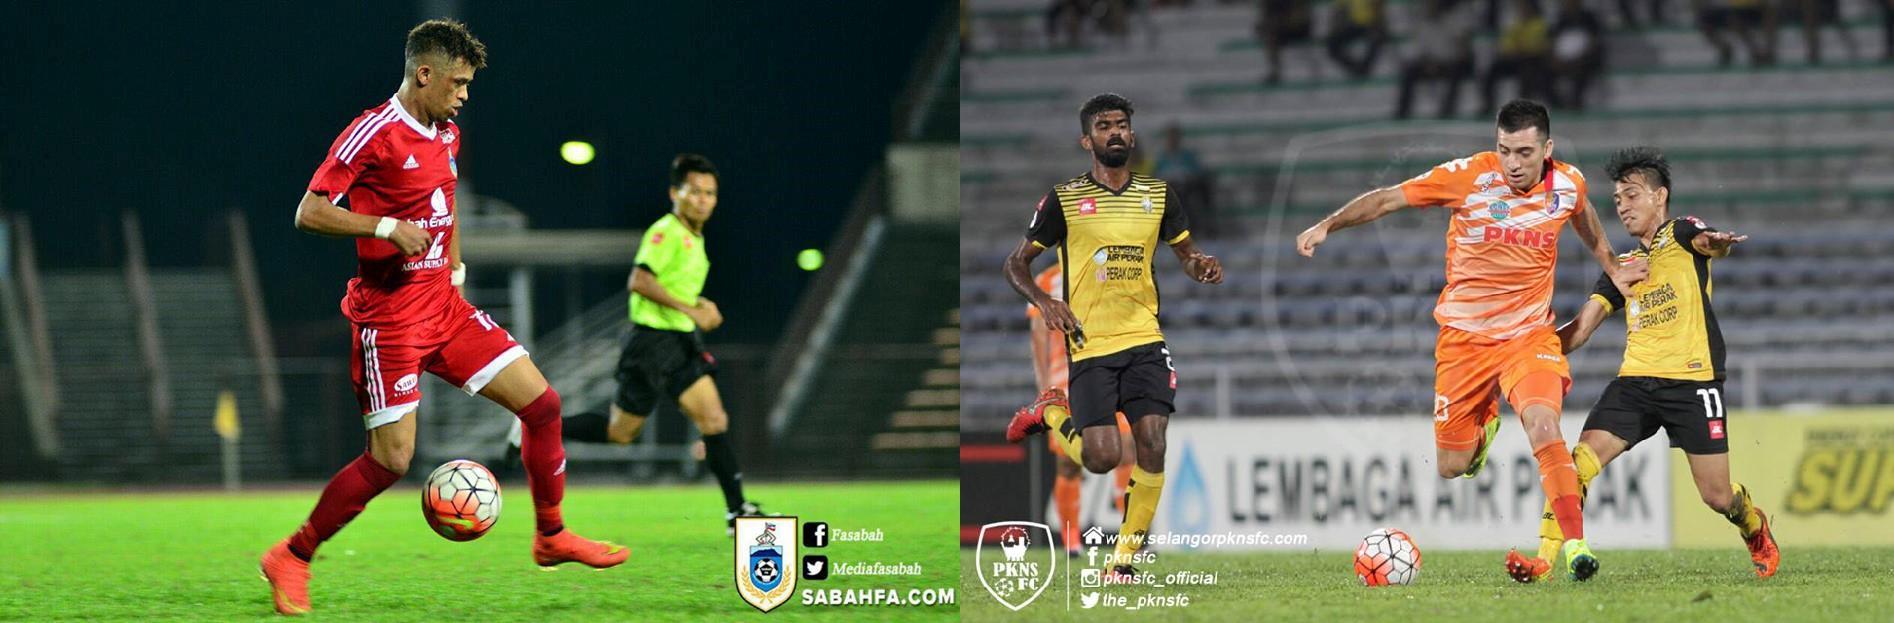 Previu Matchday#14 Sabah vs PKNS Selangor, 22 Julai – 8.15pm!